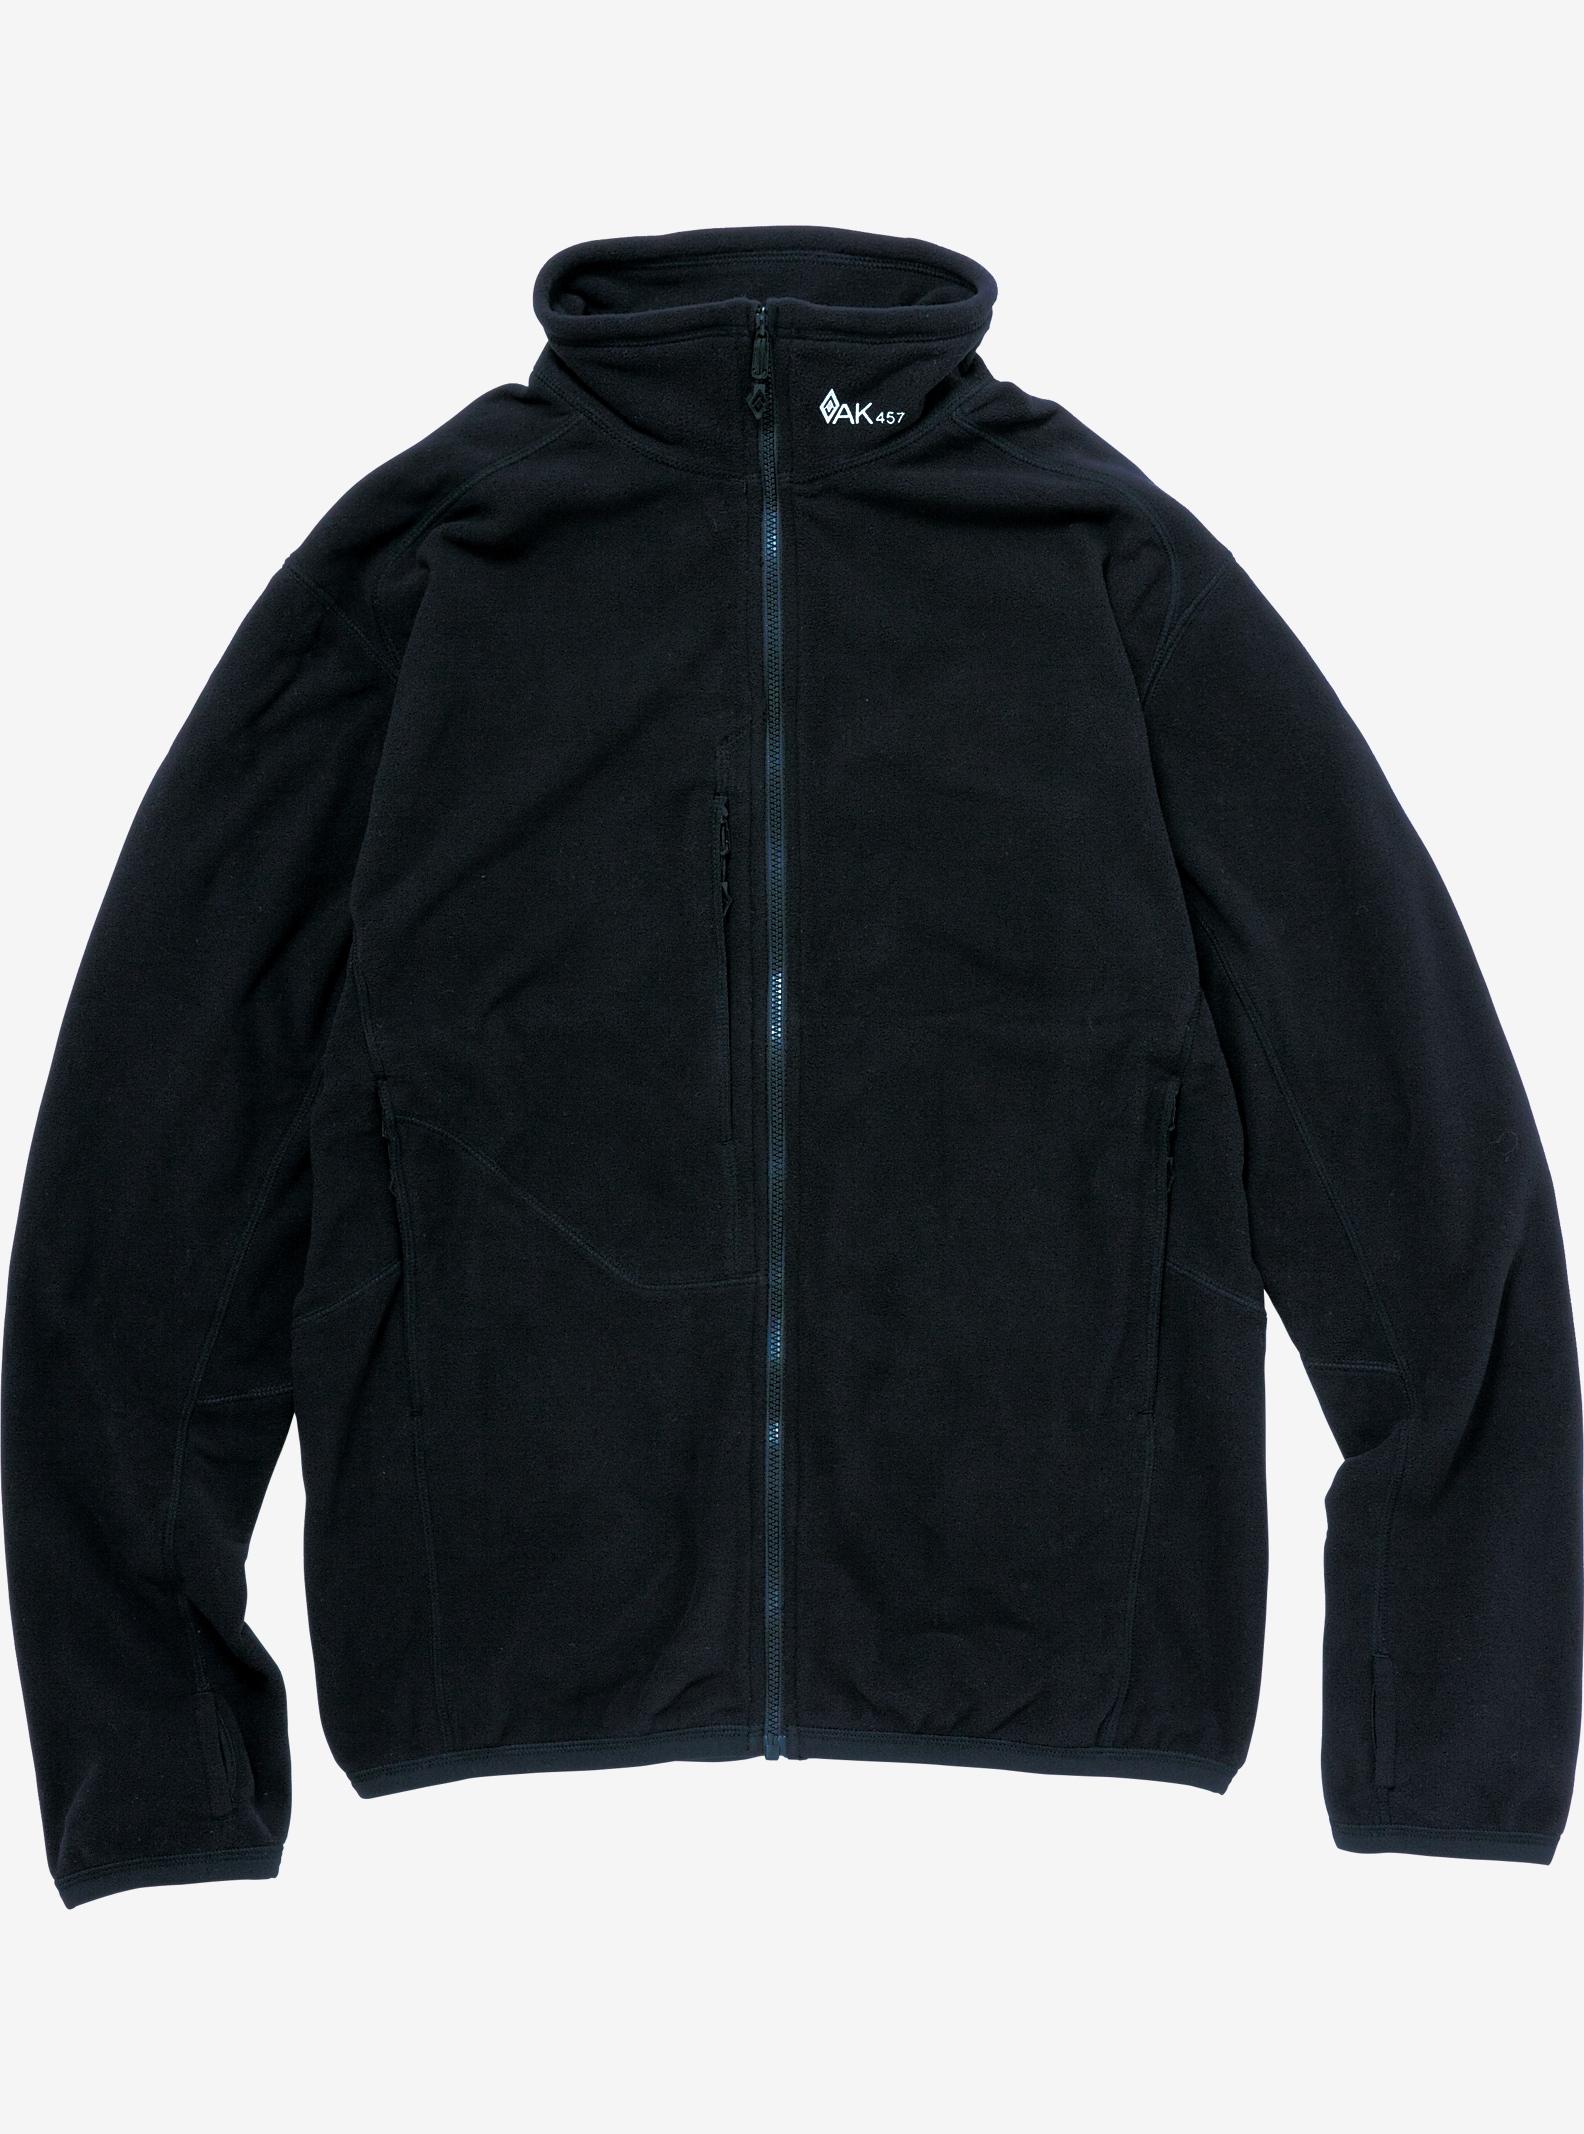 Burton AK457 Micro Fleece Jacket shown in True Black